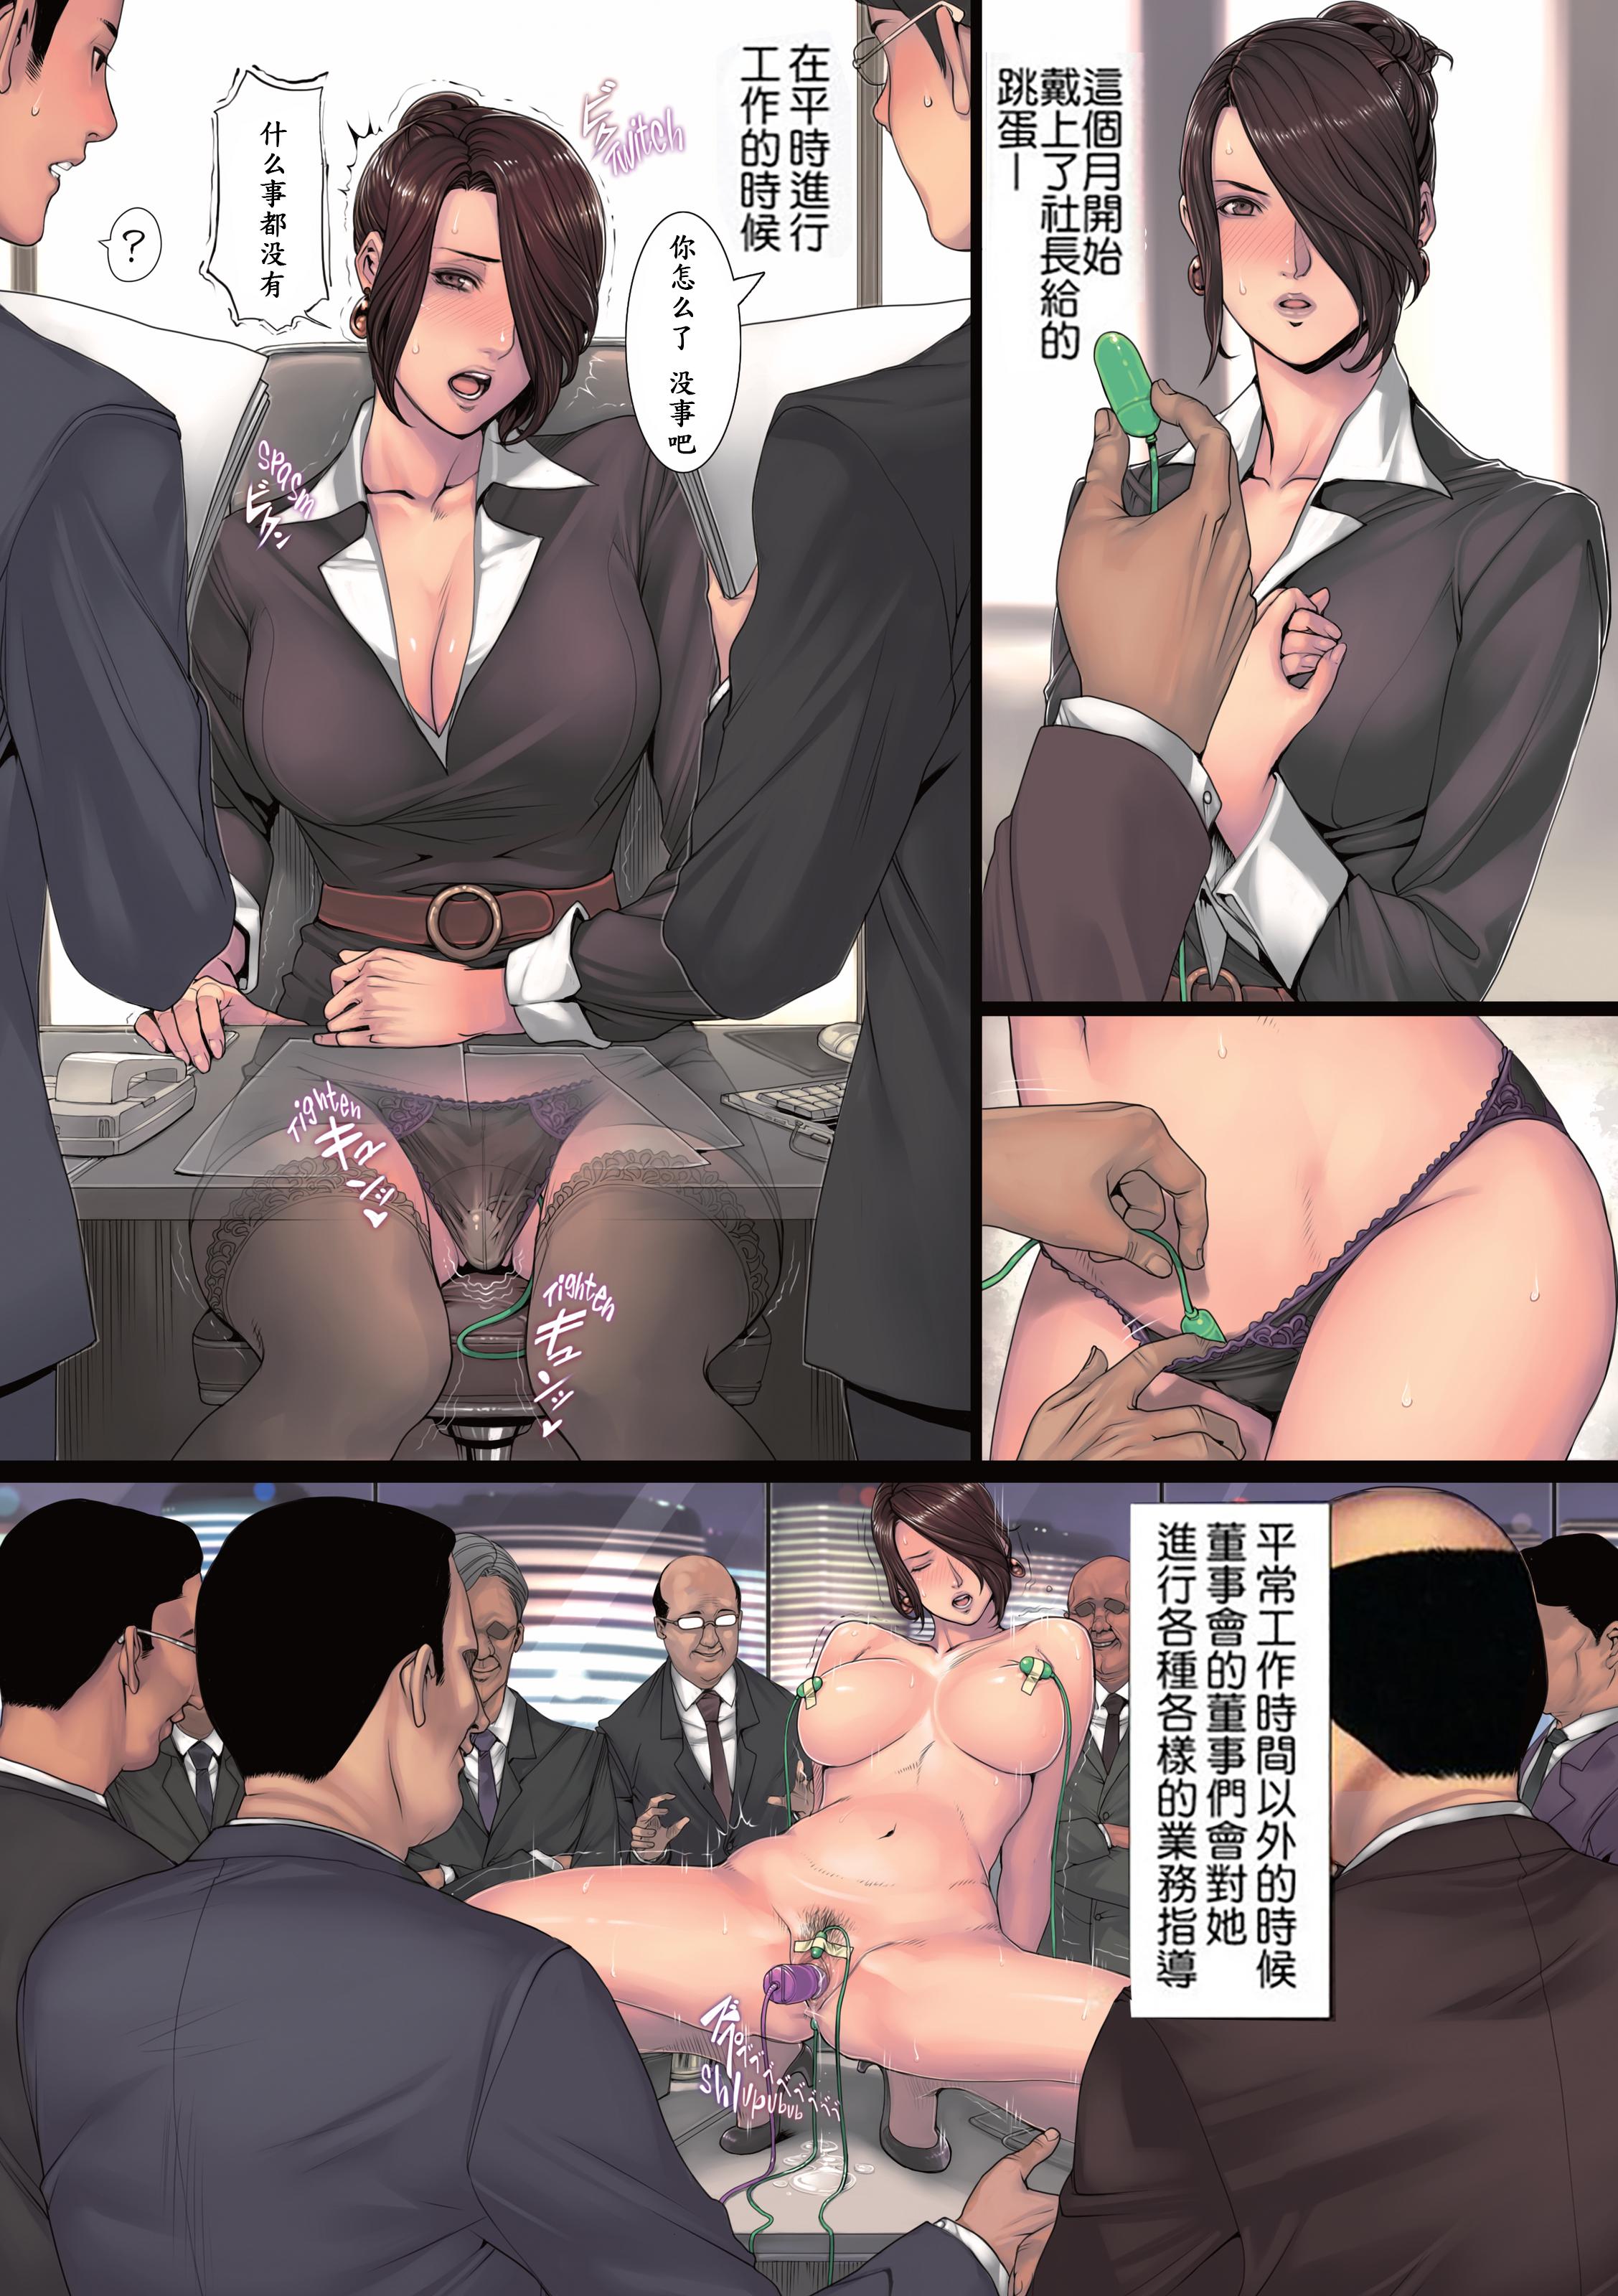 〖中文全彩步兵〗NON VIRGIN (WANIMAGAZINE COMIC SPECIAL) COMIC – ADULT (decensored) 3